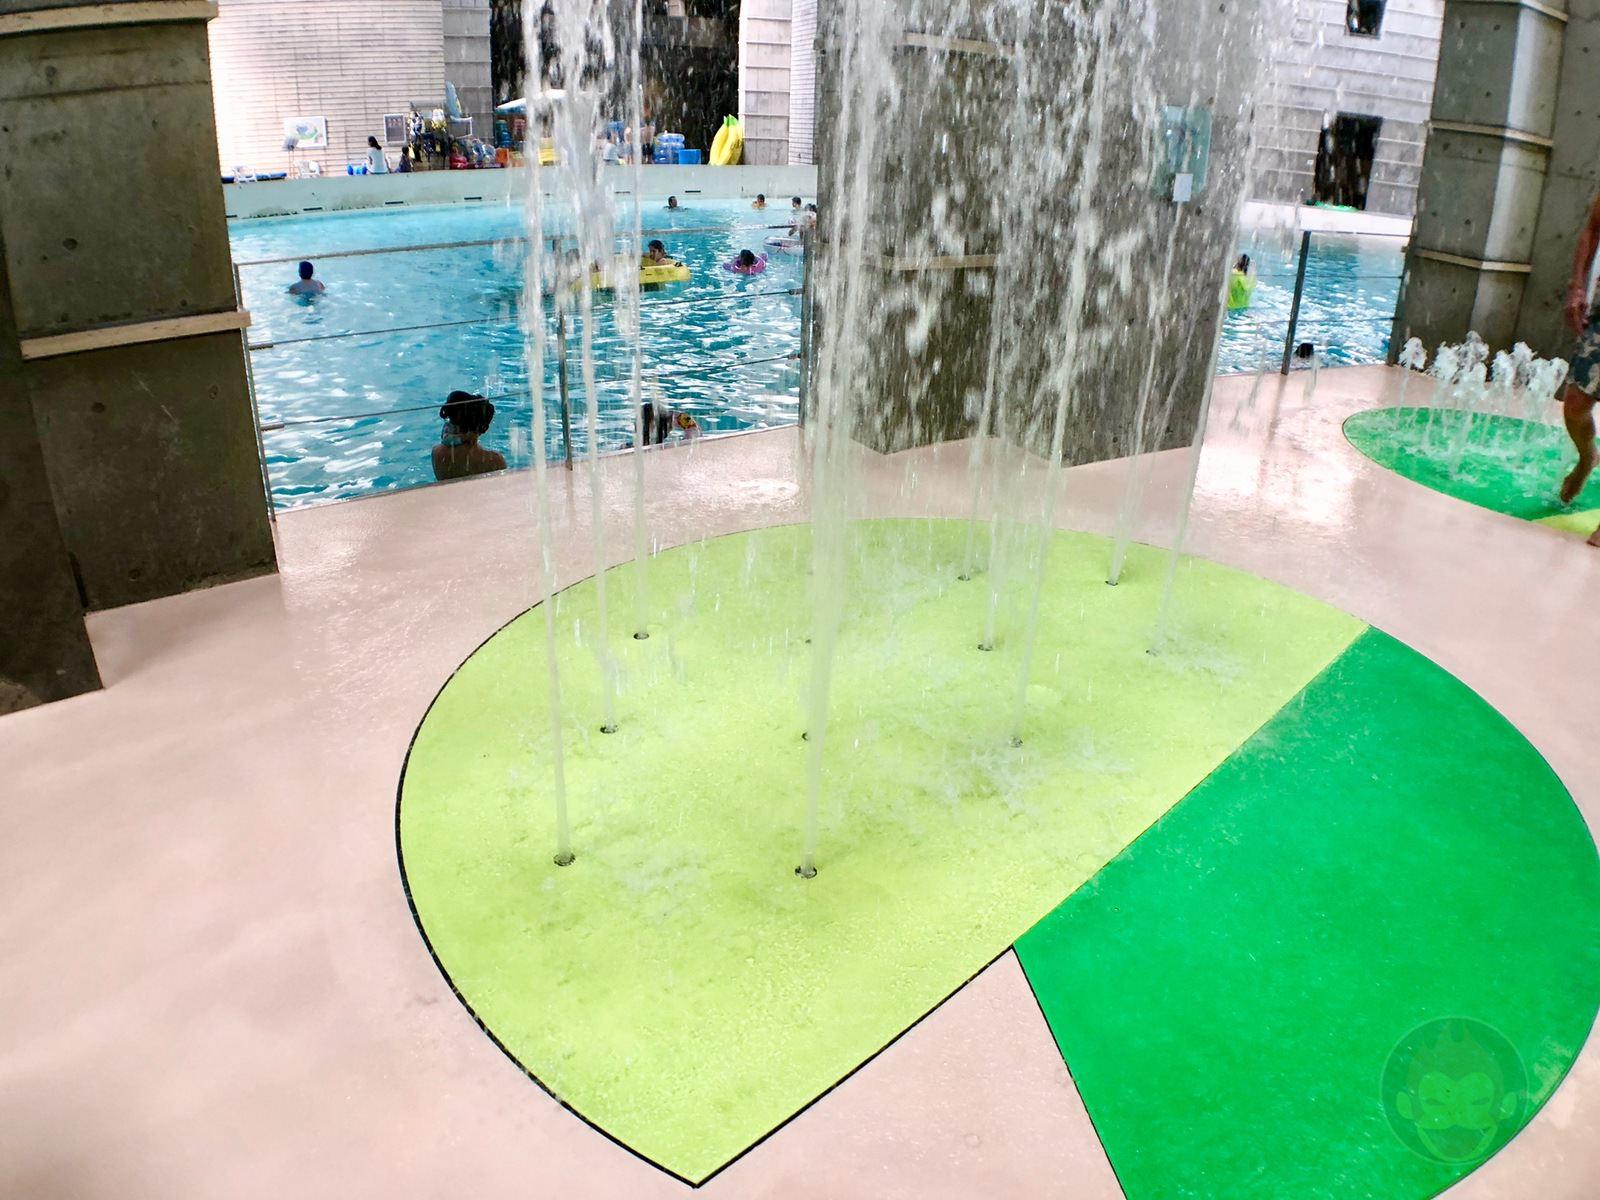 Hoshino-Resonalre-Yatsugatake-Pool-10.jpg